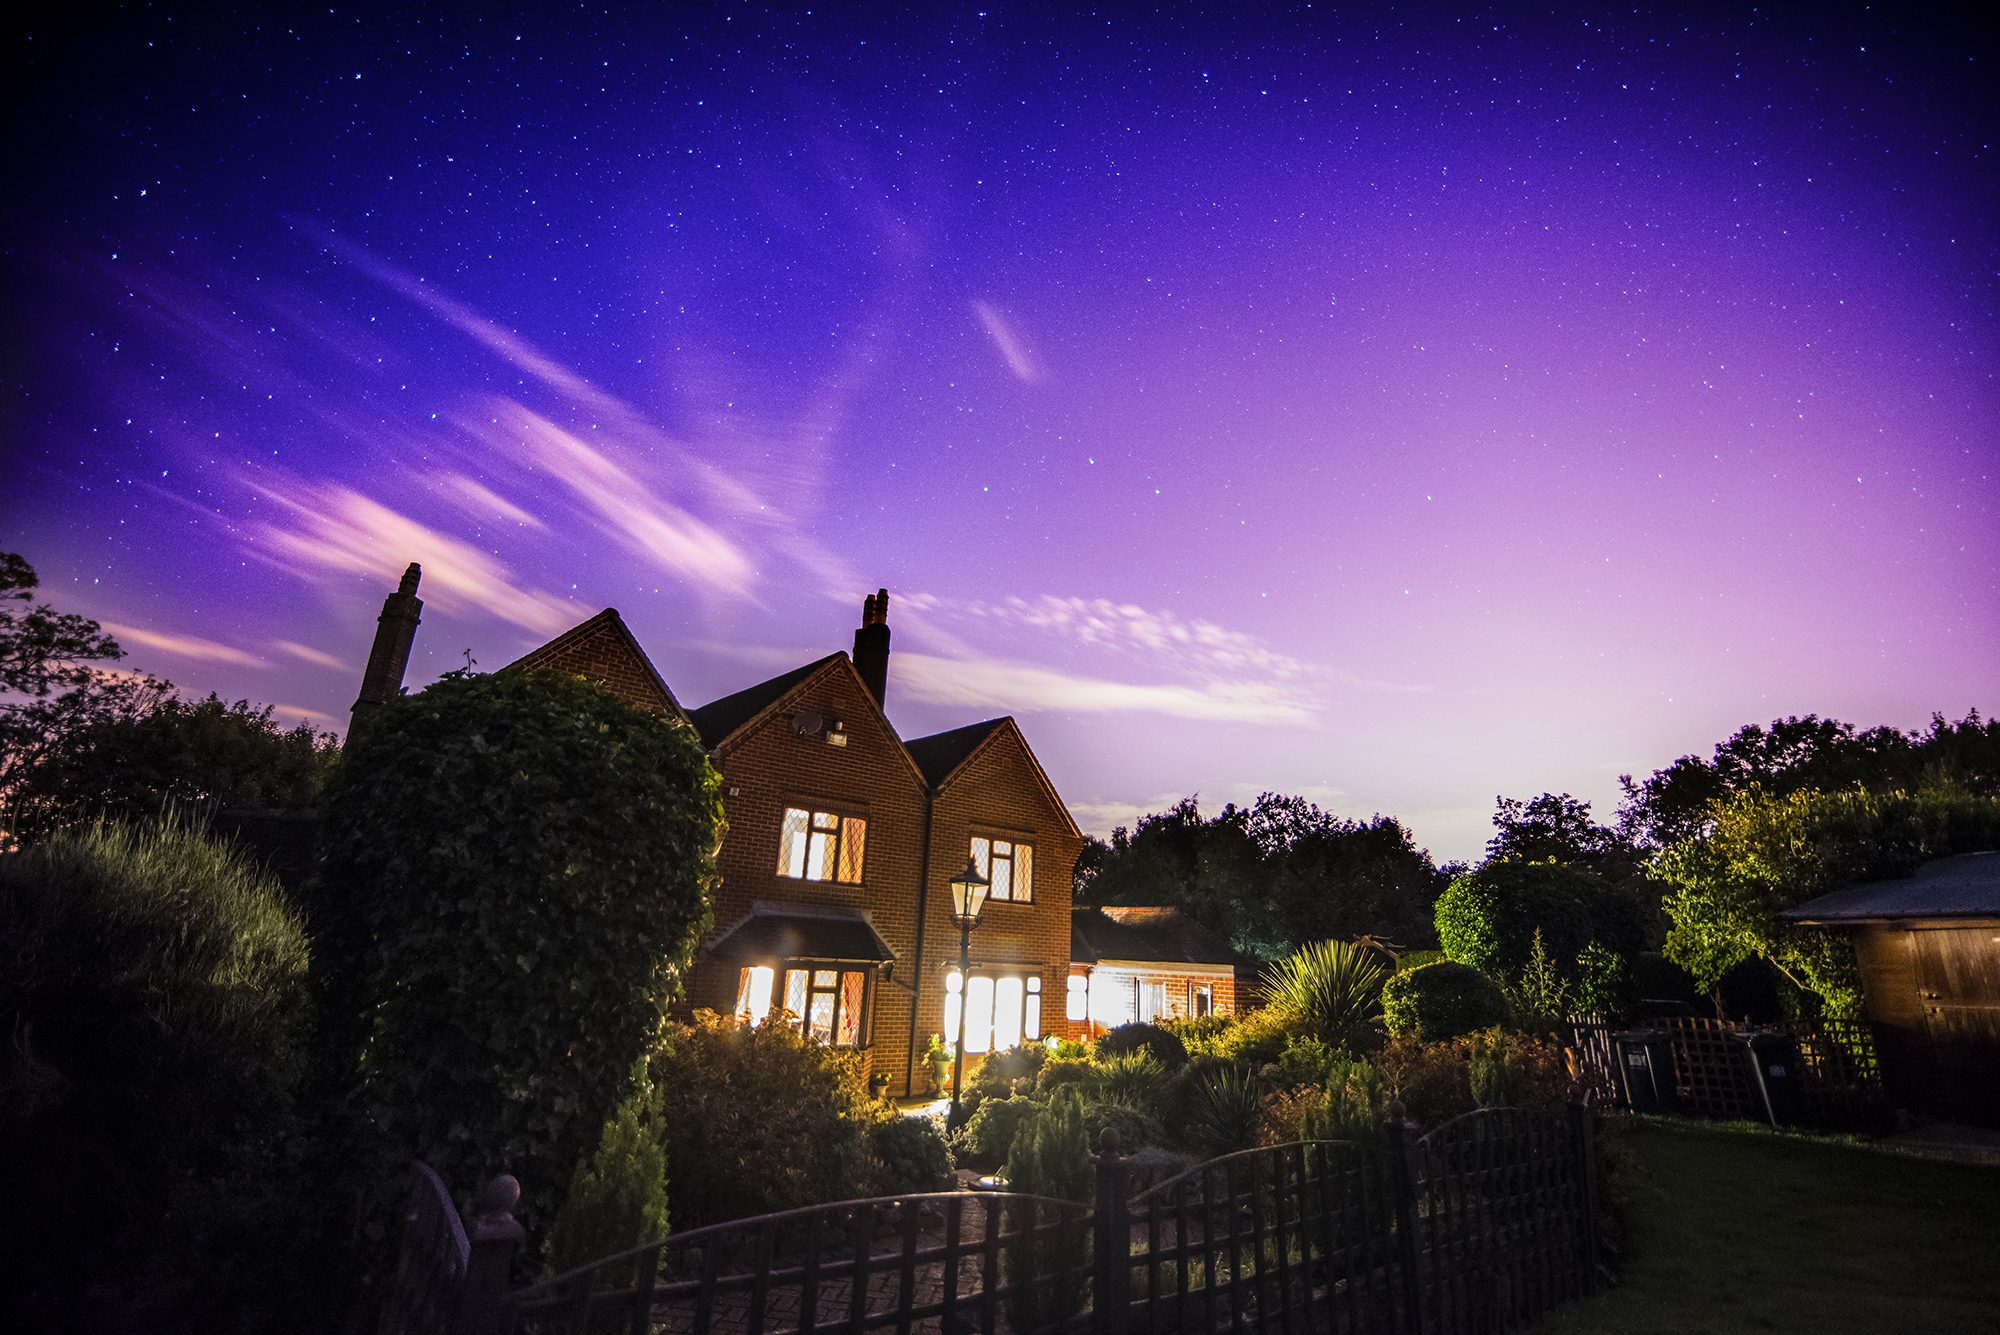 night shot of jones house